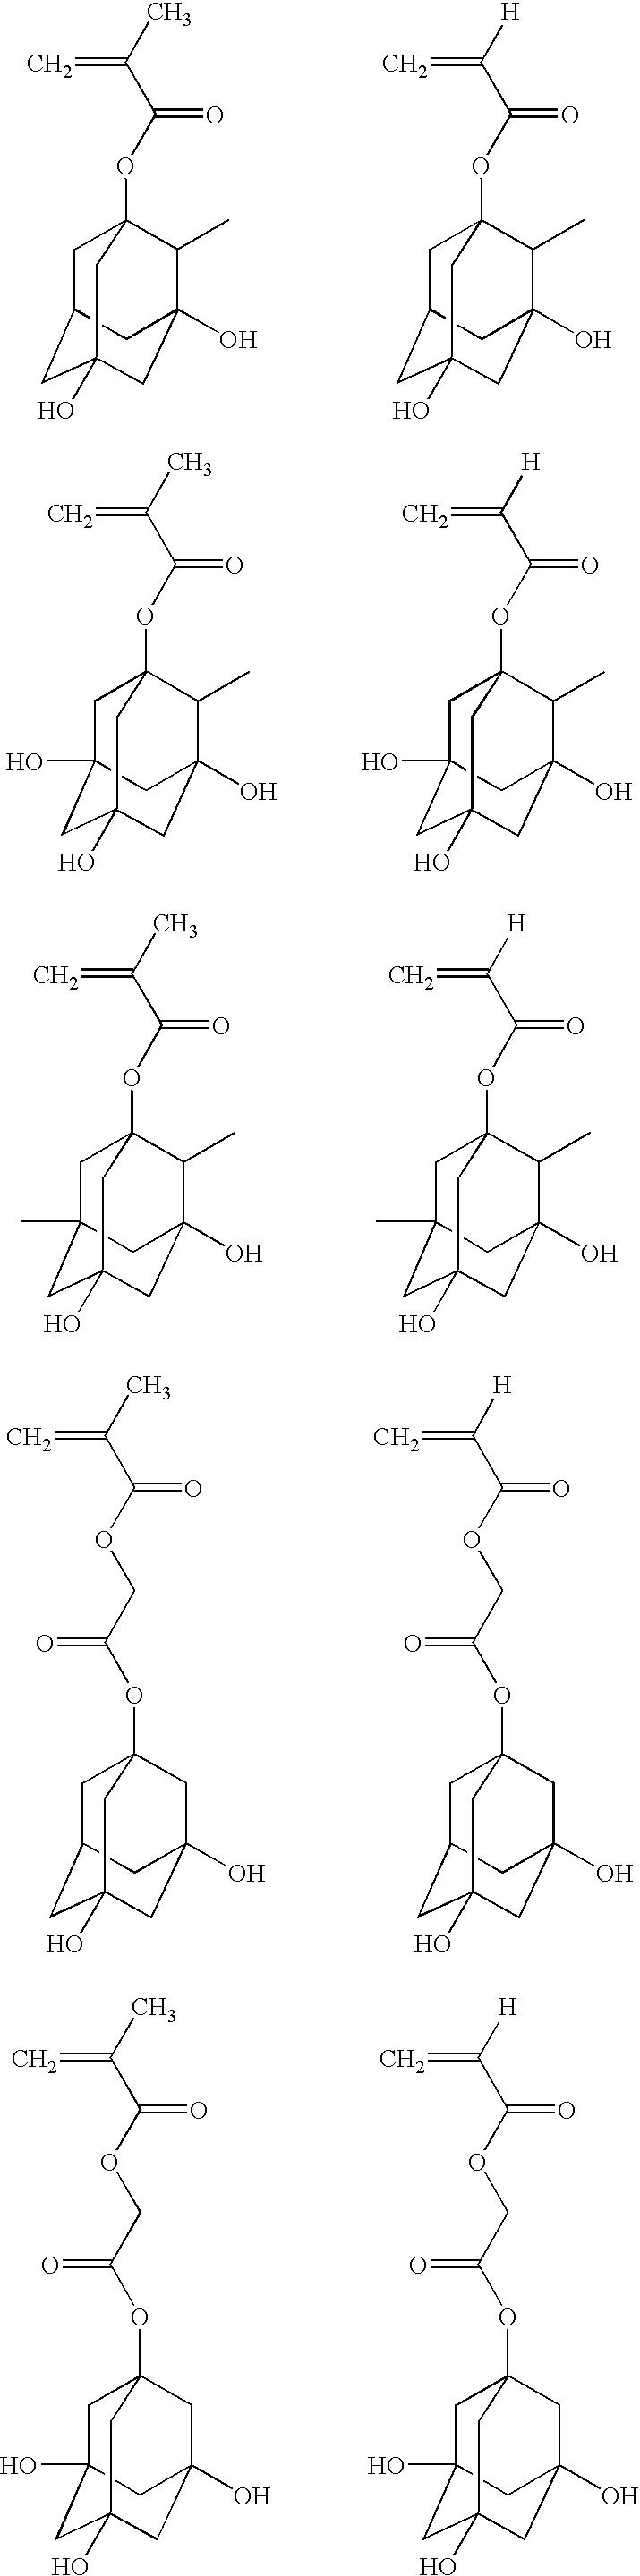 Figure US20100323296A1-20101223-C00046